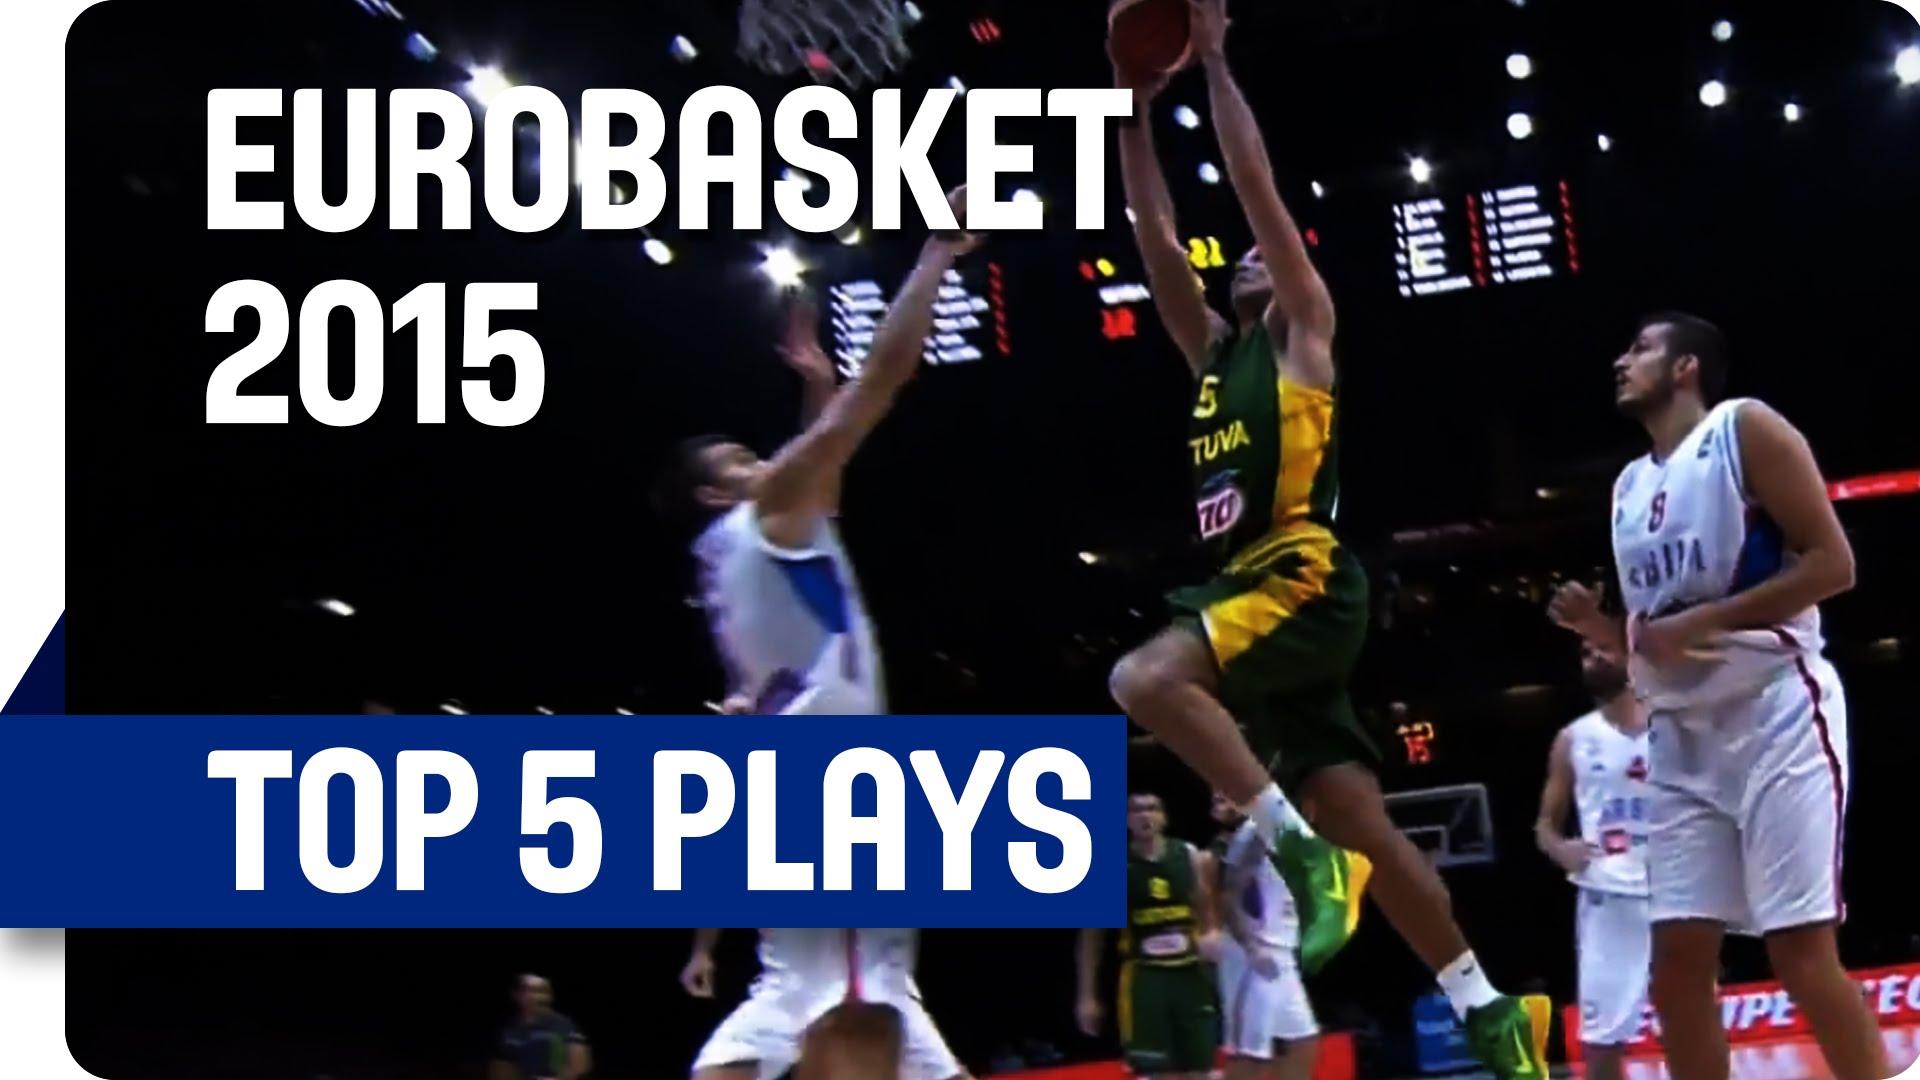 [Eurobasket] Top 5: la République tchèque fait le spectacle